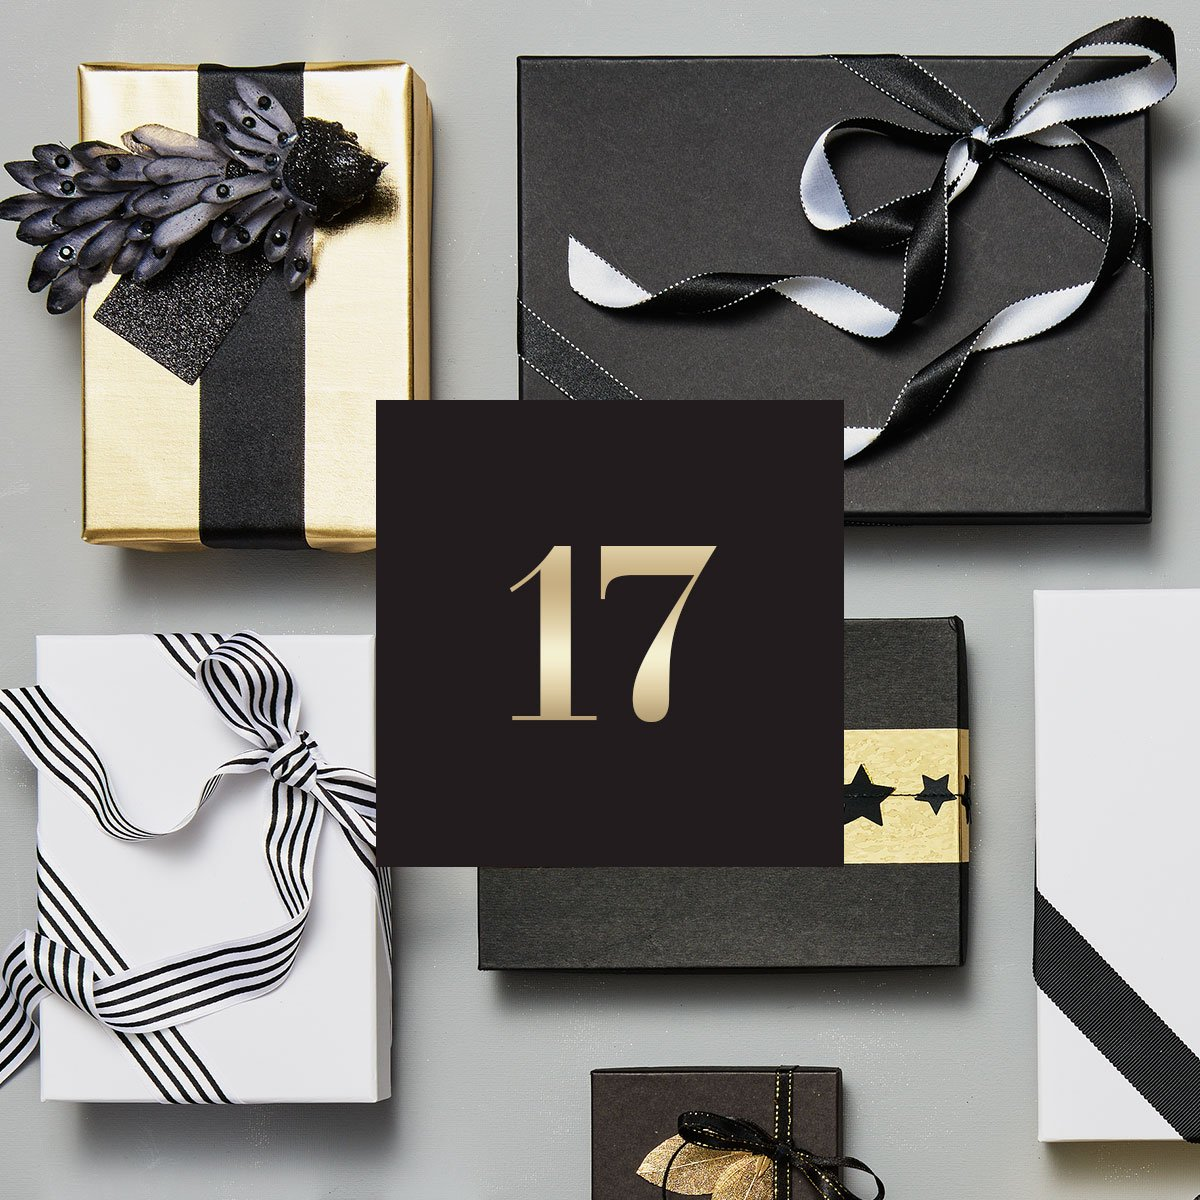 🔔H&M CLUB Julekalender - 17. december 🔔 Forkæl dig selv eller en du holder af med dagens jule-reward 😍 Skynd dig ind i H&M-appen, tilbuddet gælder i vores butikker i dag. https://t.co/prZErQ54E7